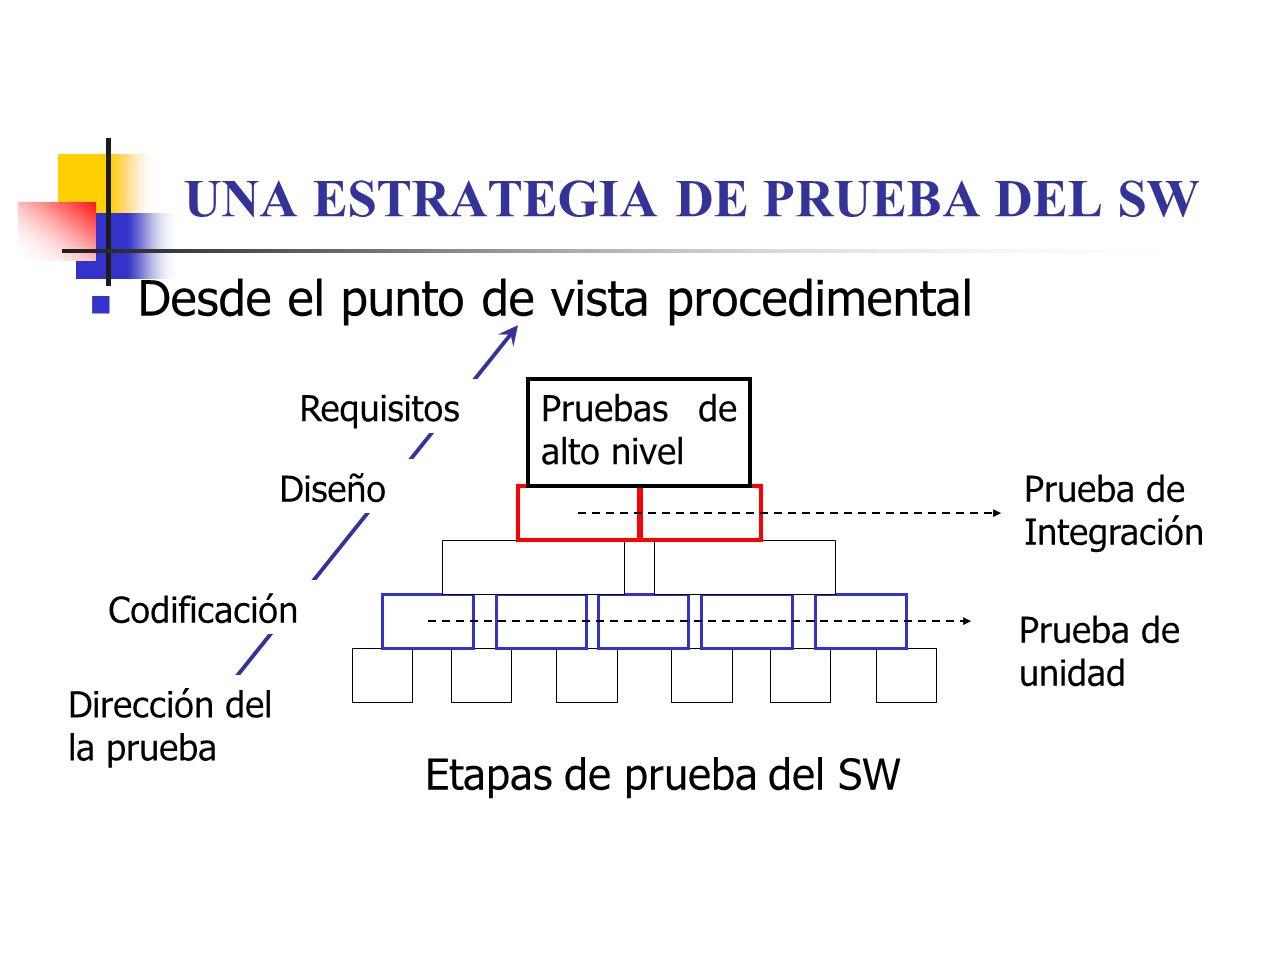 UNA ESTRATEGIA DE PRUEBA DEL SW